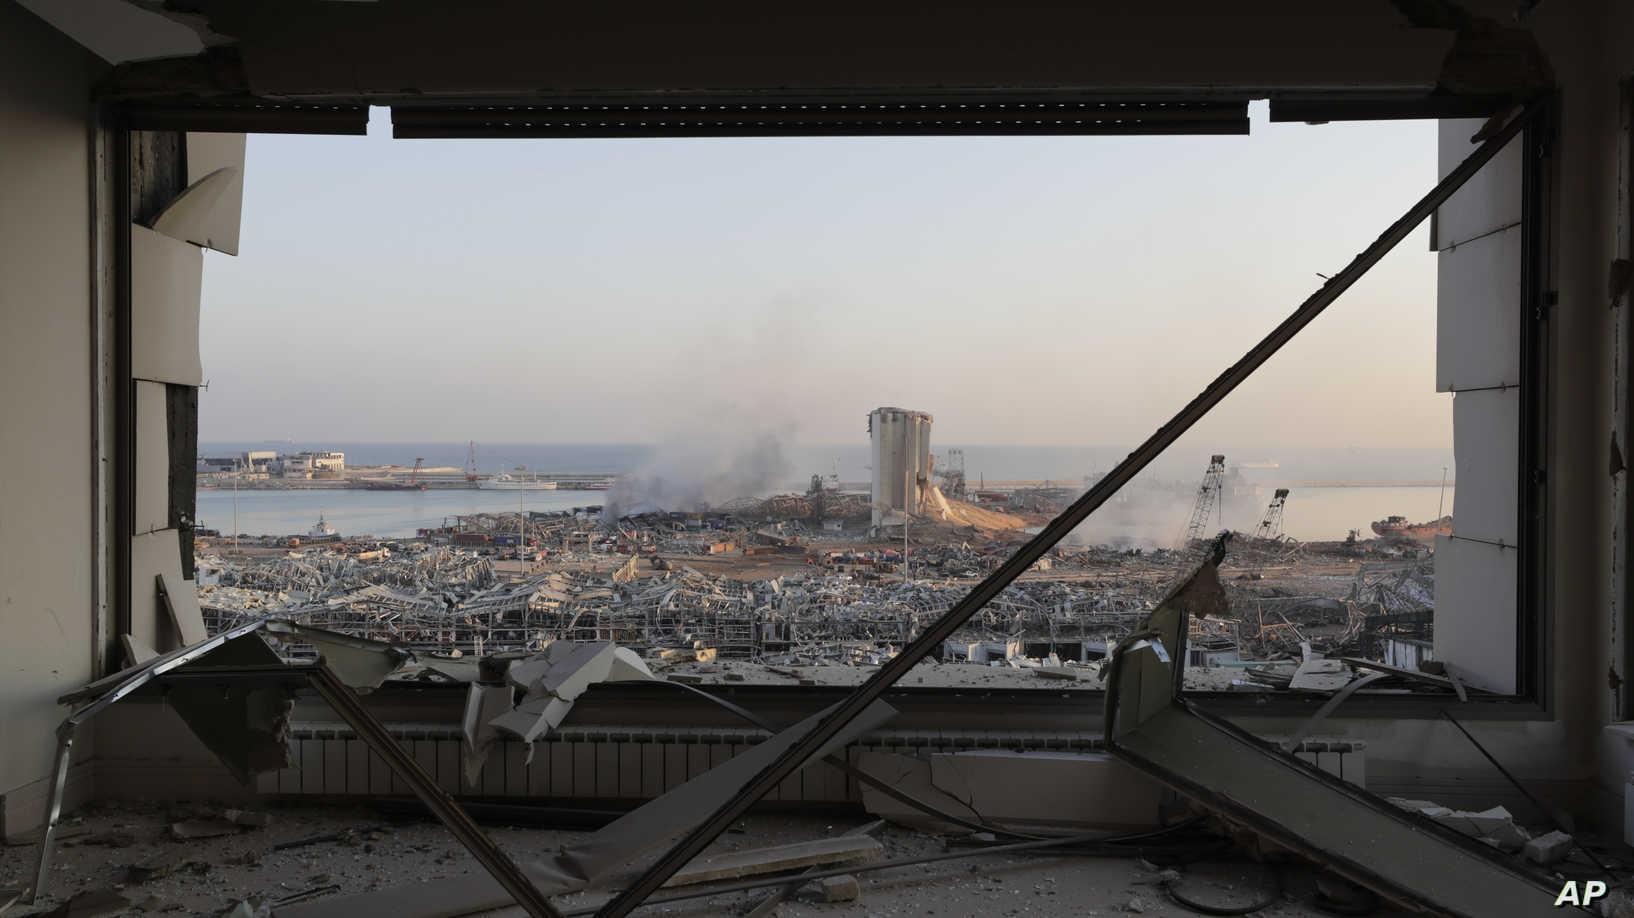 انفجار بيروت: الطريق إلى وقوع الكارثة